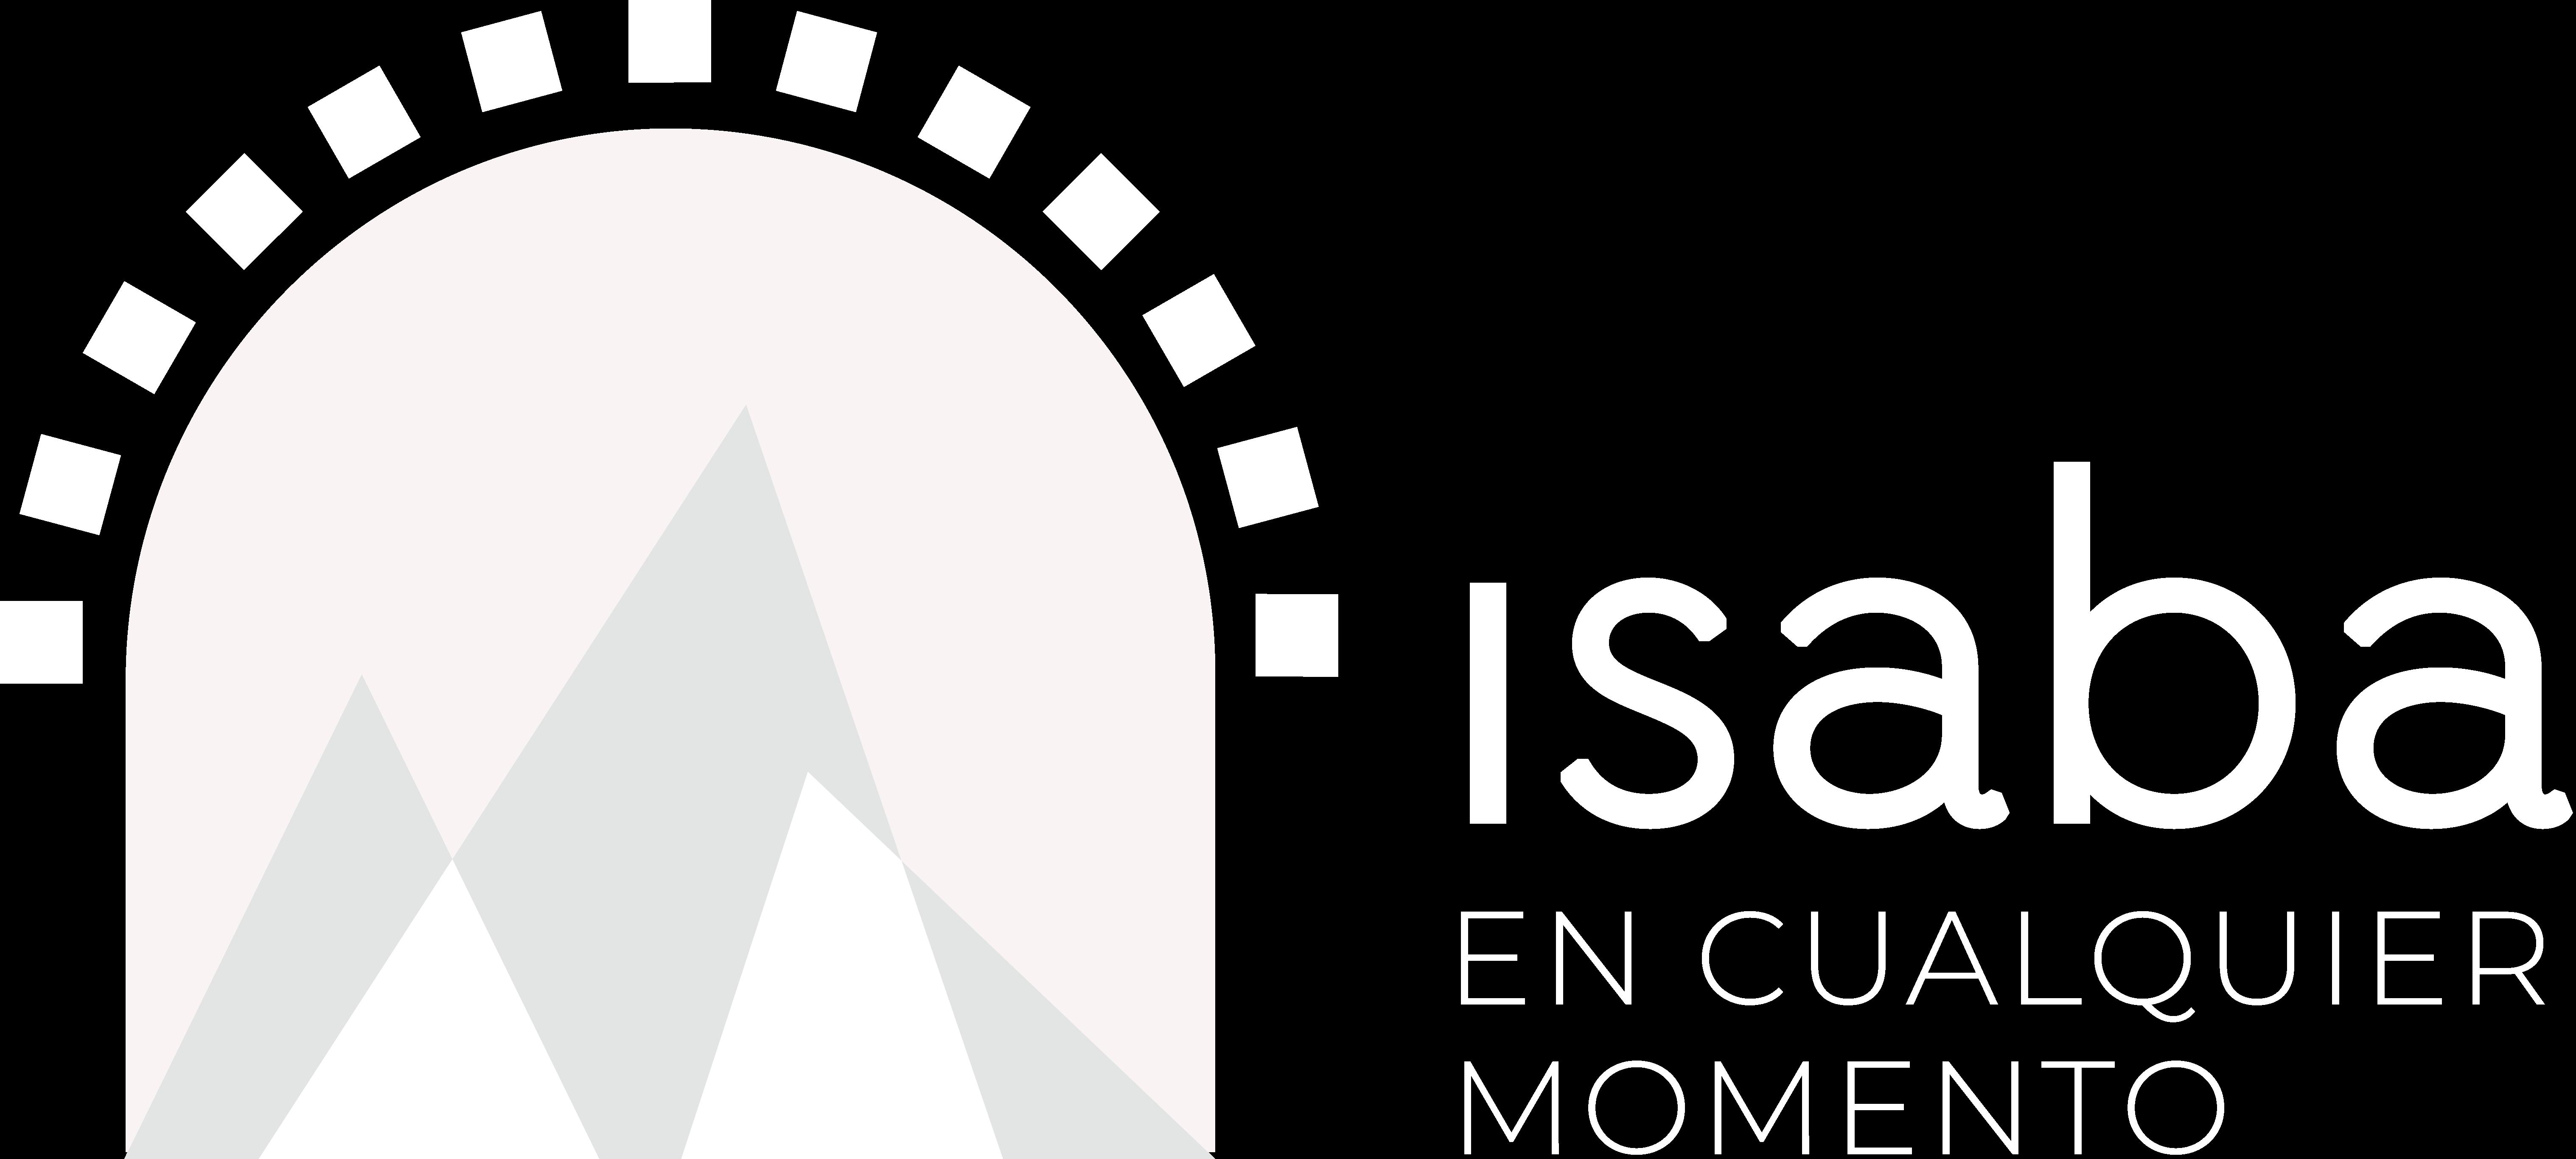 Aviso legal y política de privacidad - Isaba